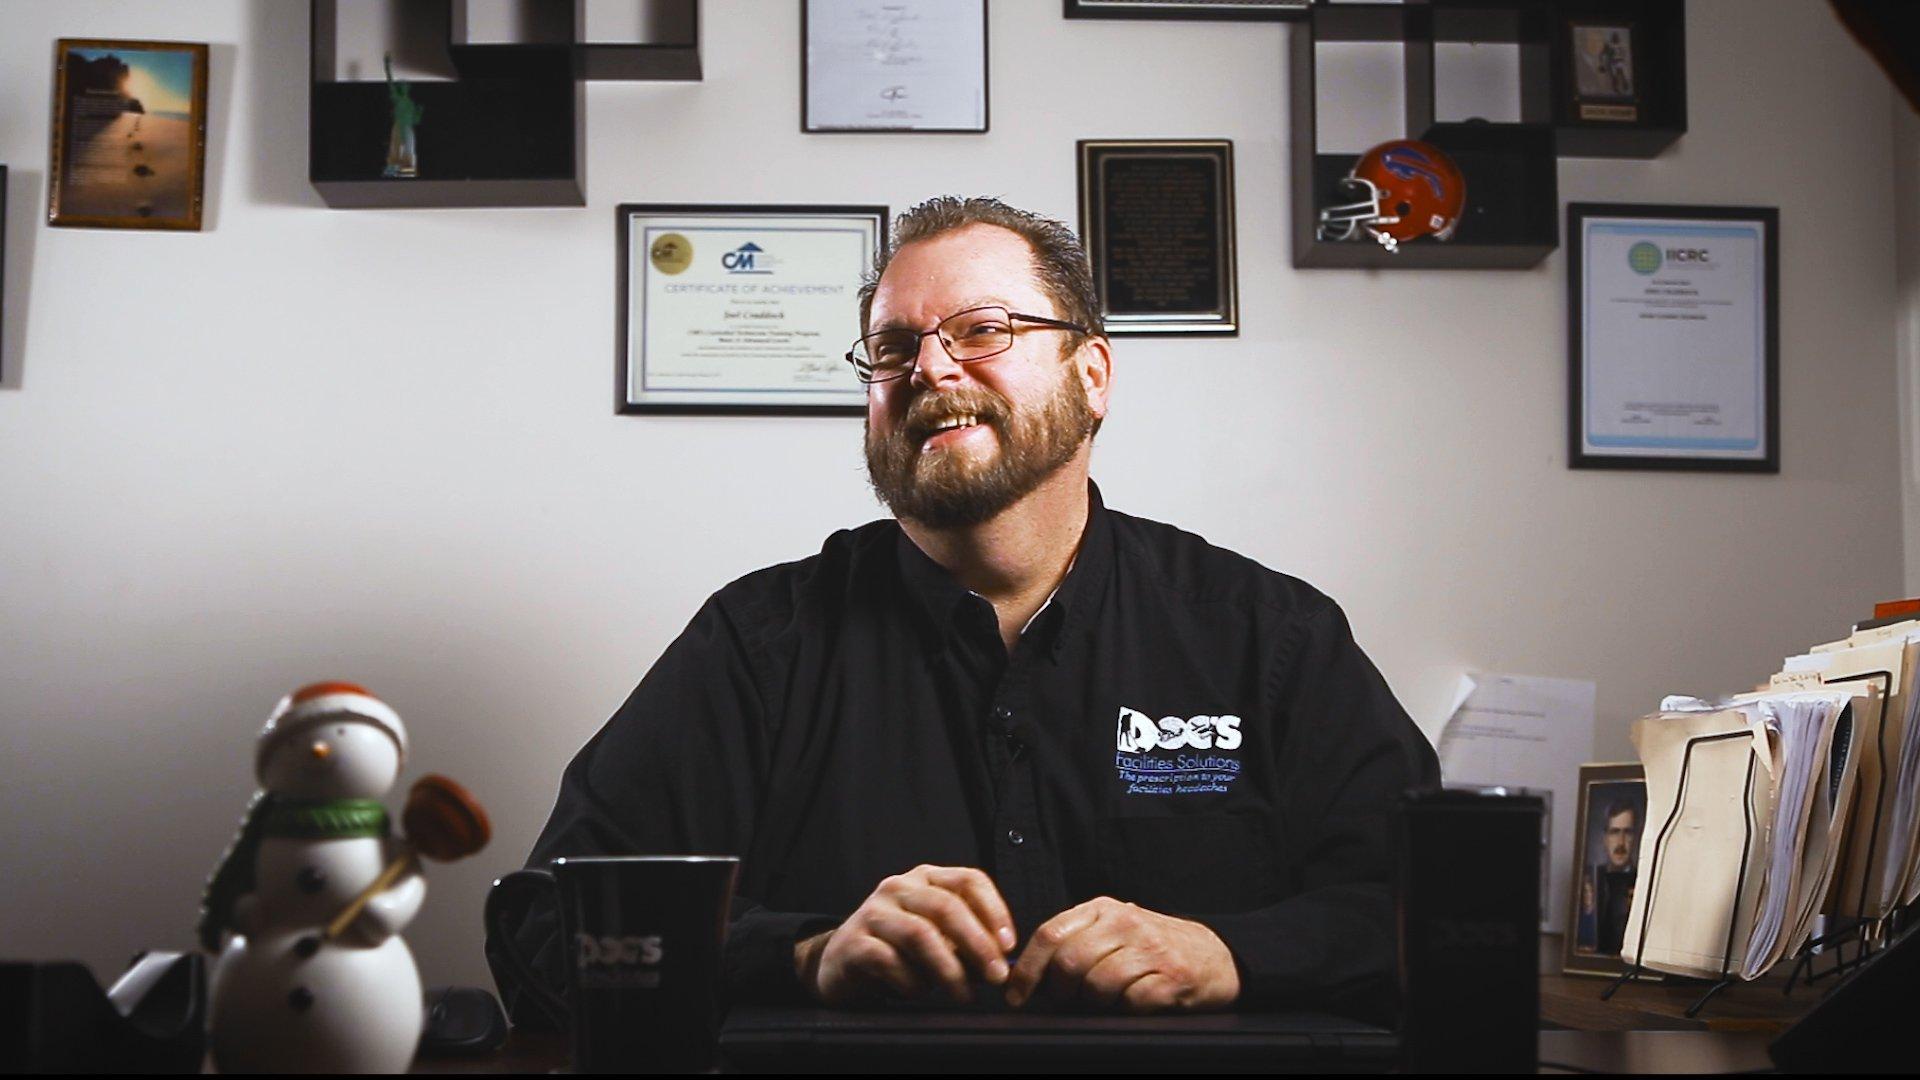 Testimonial_Joel Craddock - Docs Facilities Solutions_FINAL.00_00_03_11.Still002